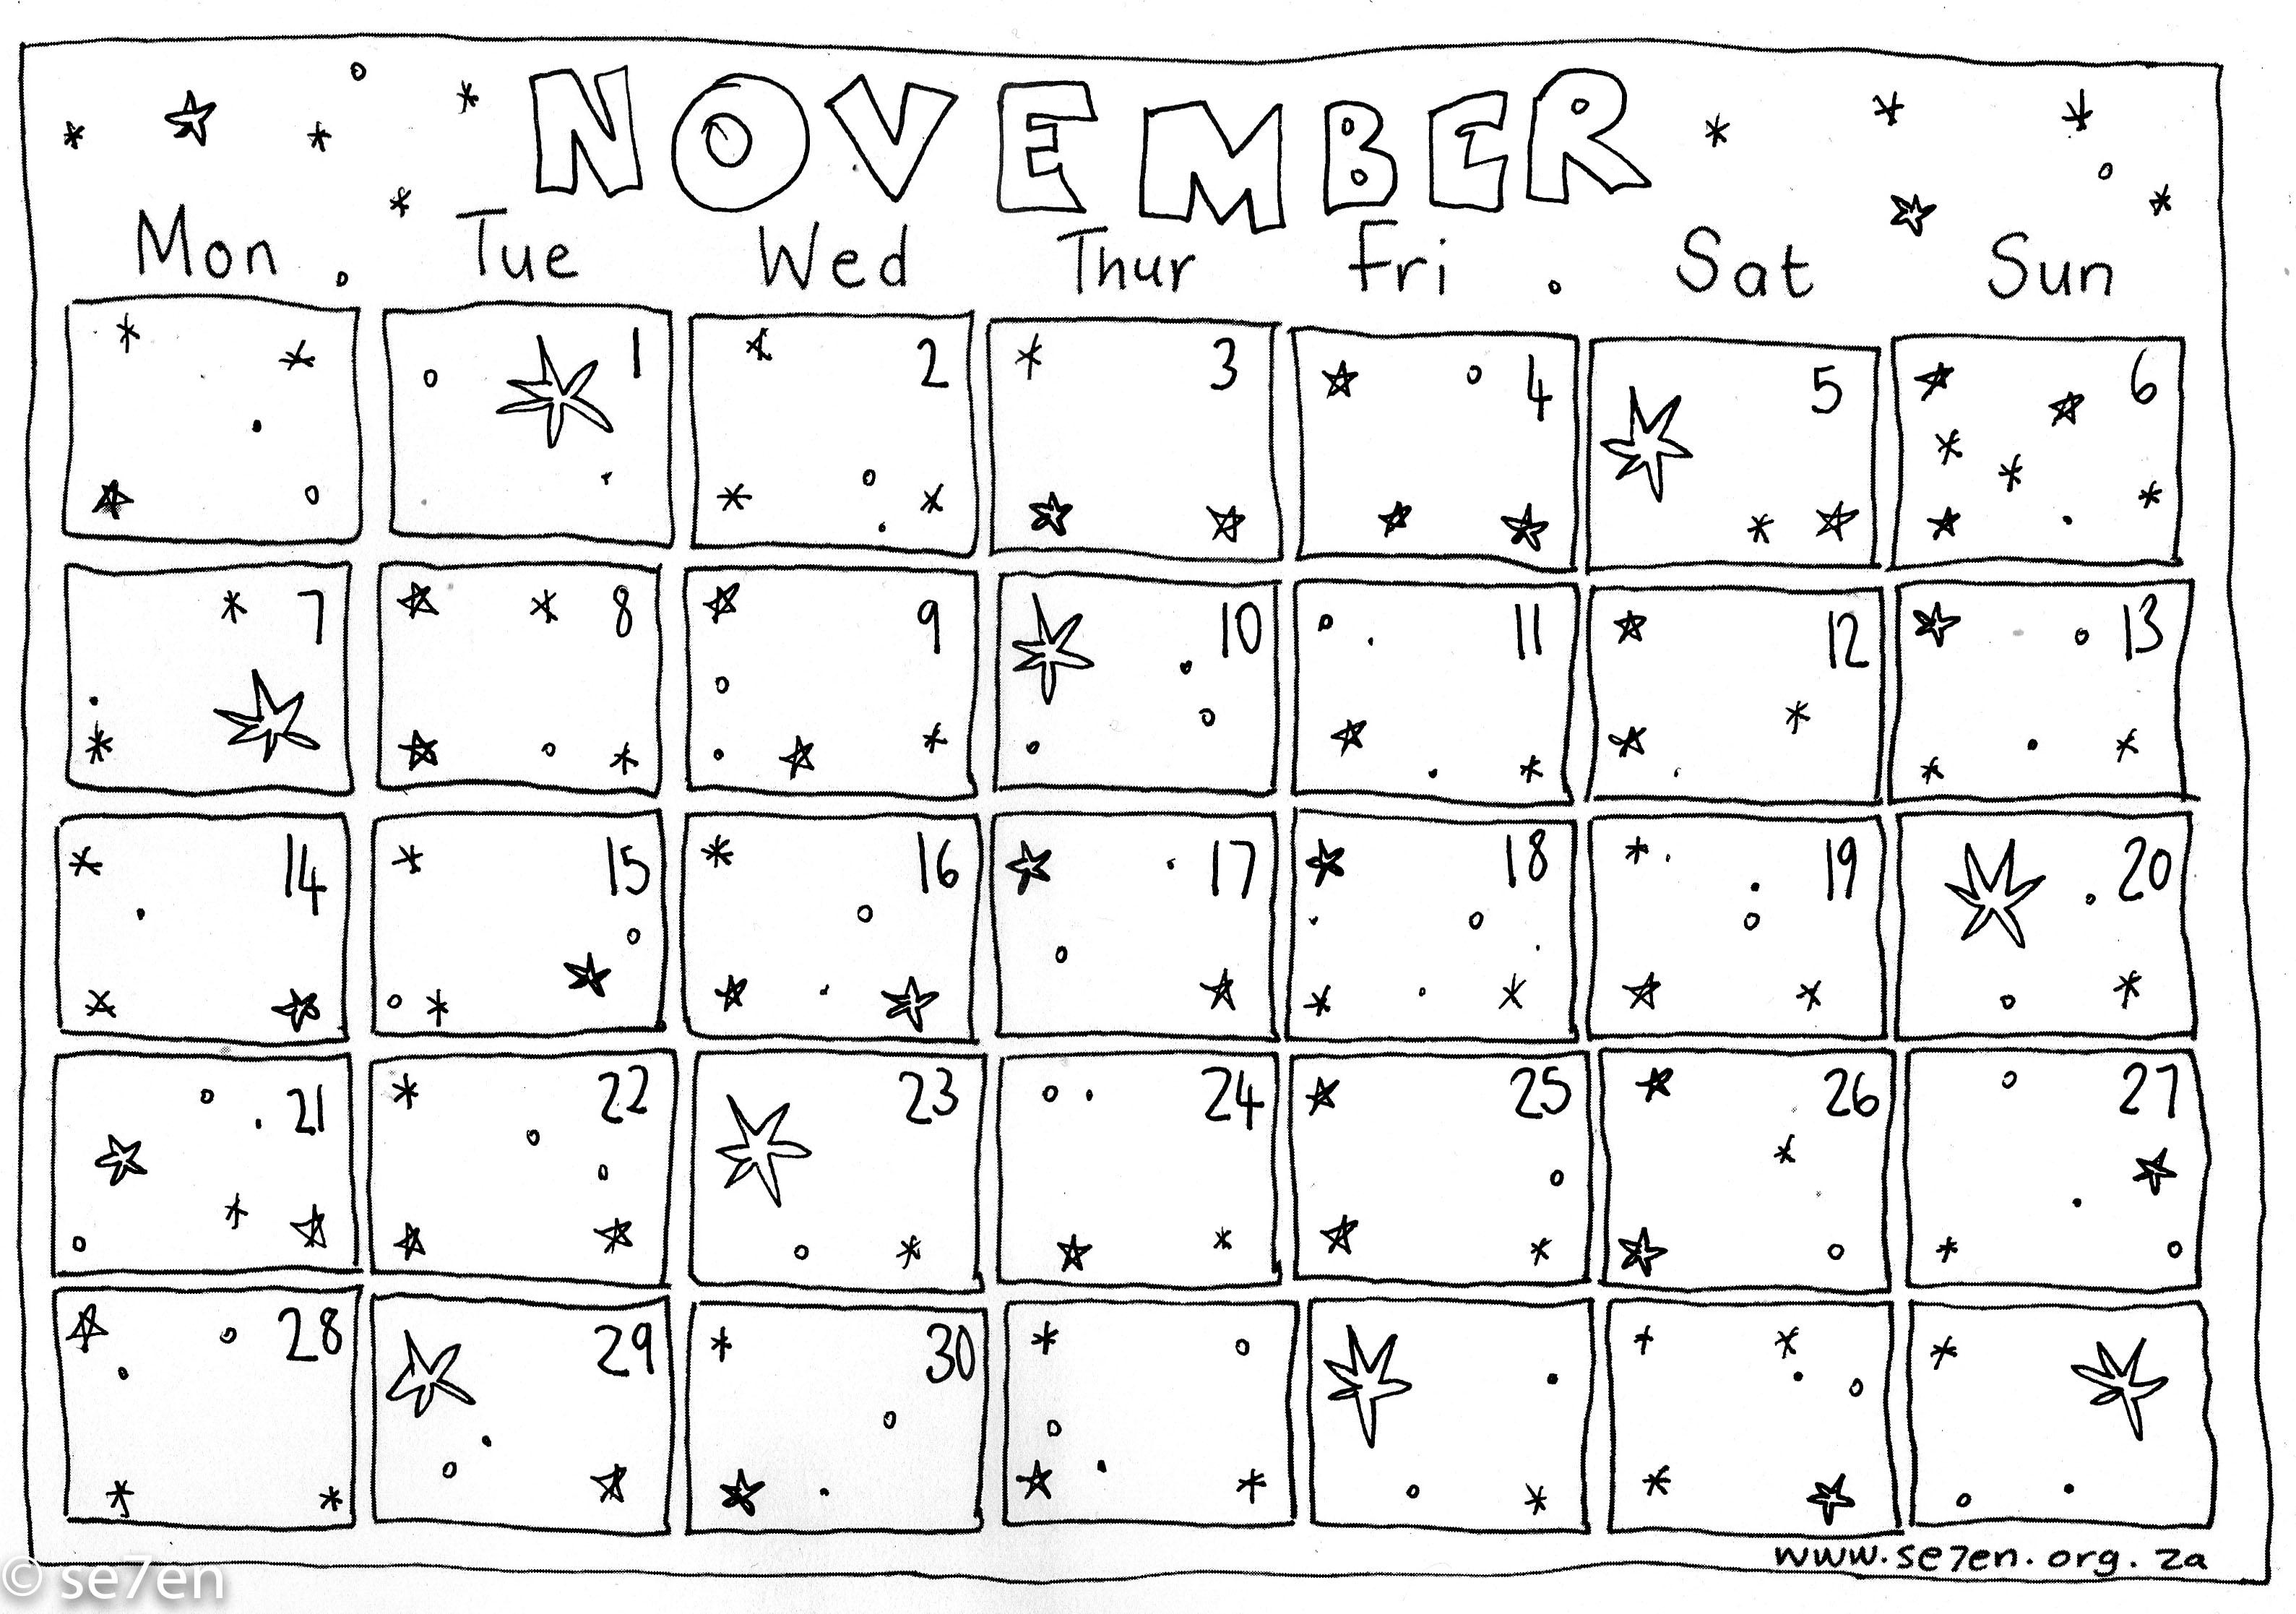 se7en-01-Nov-16-November 2016001-1.jpg